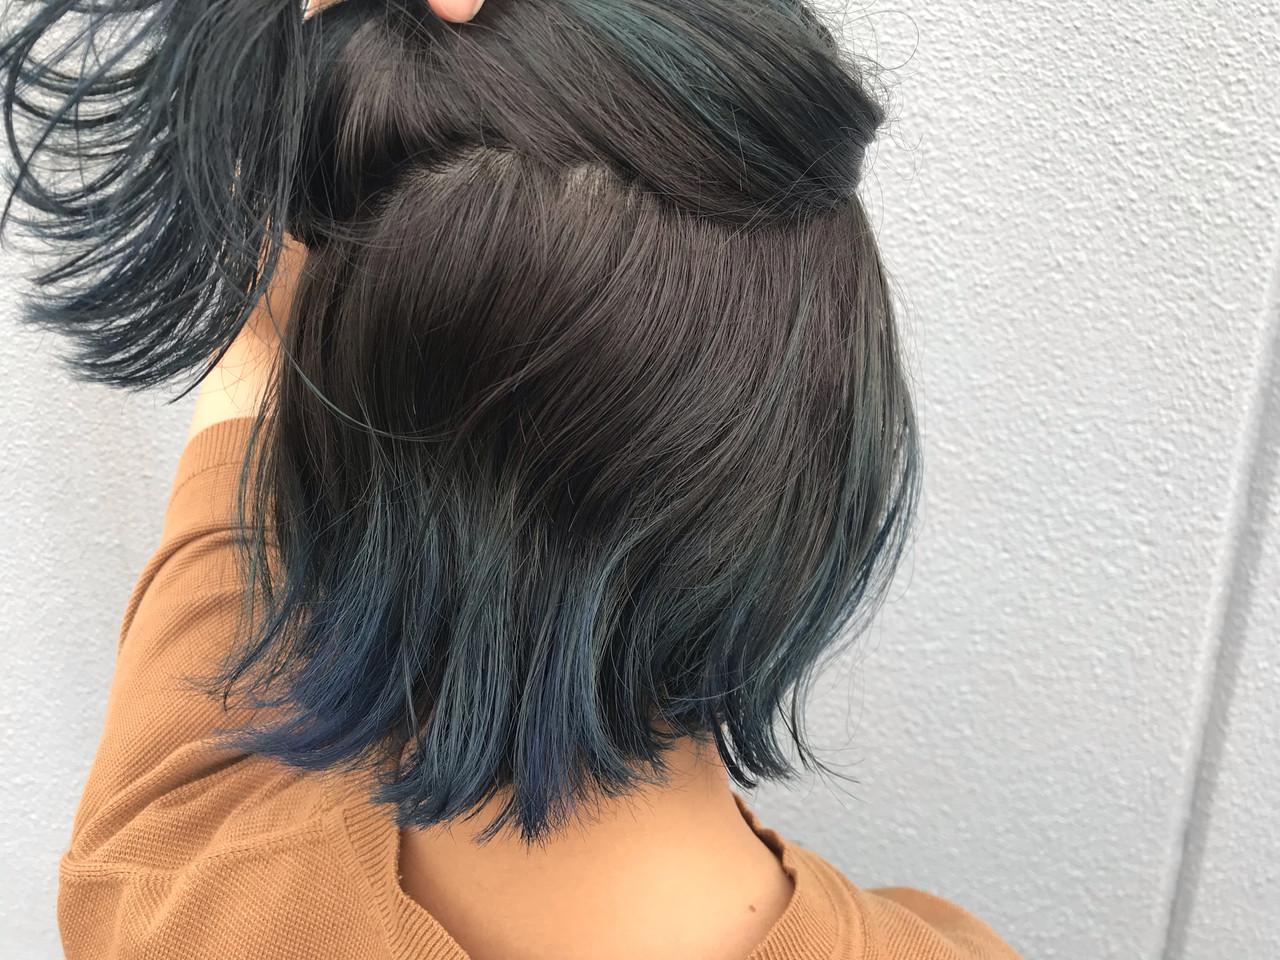 インナーカラー ブルージュ ブルーアッシュ フェミニン ヘアスタイルや髪型の写真・画像